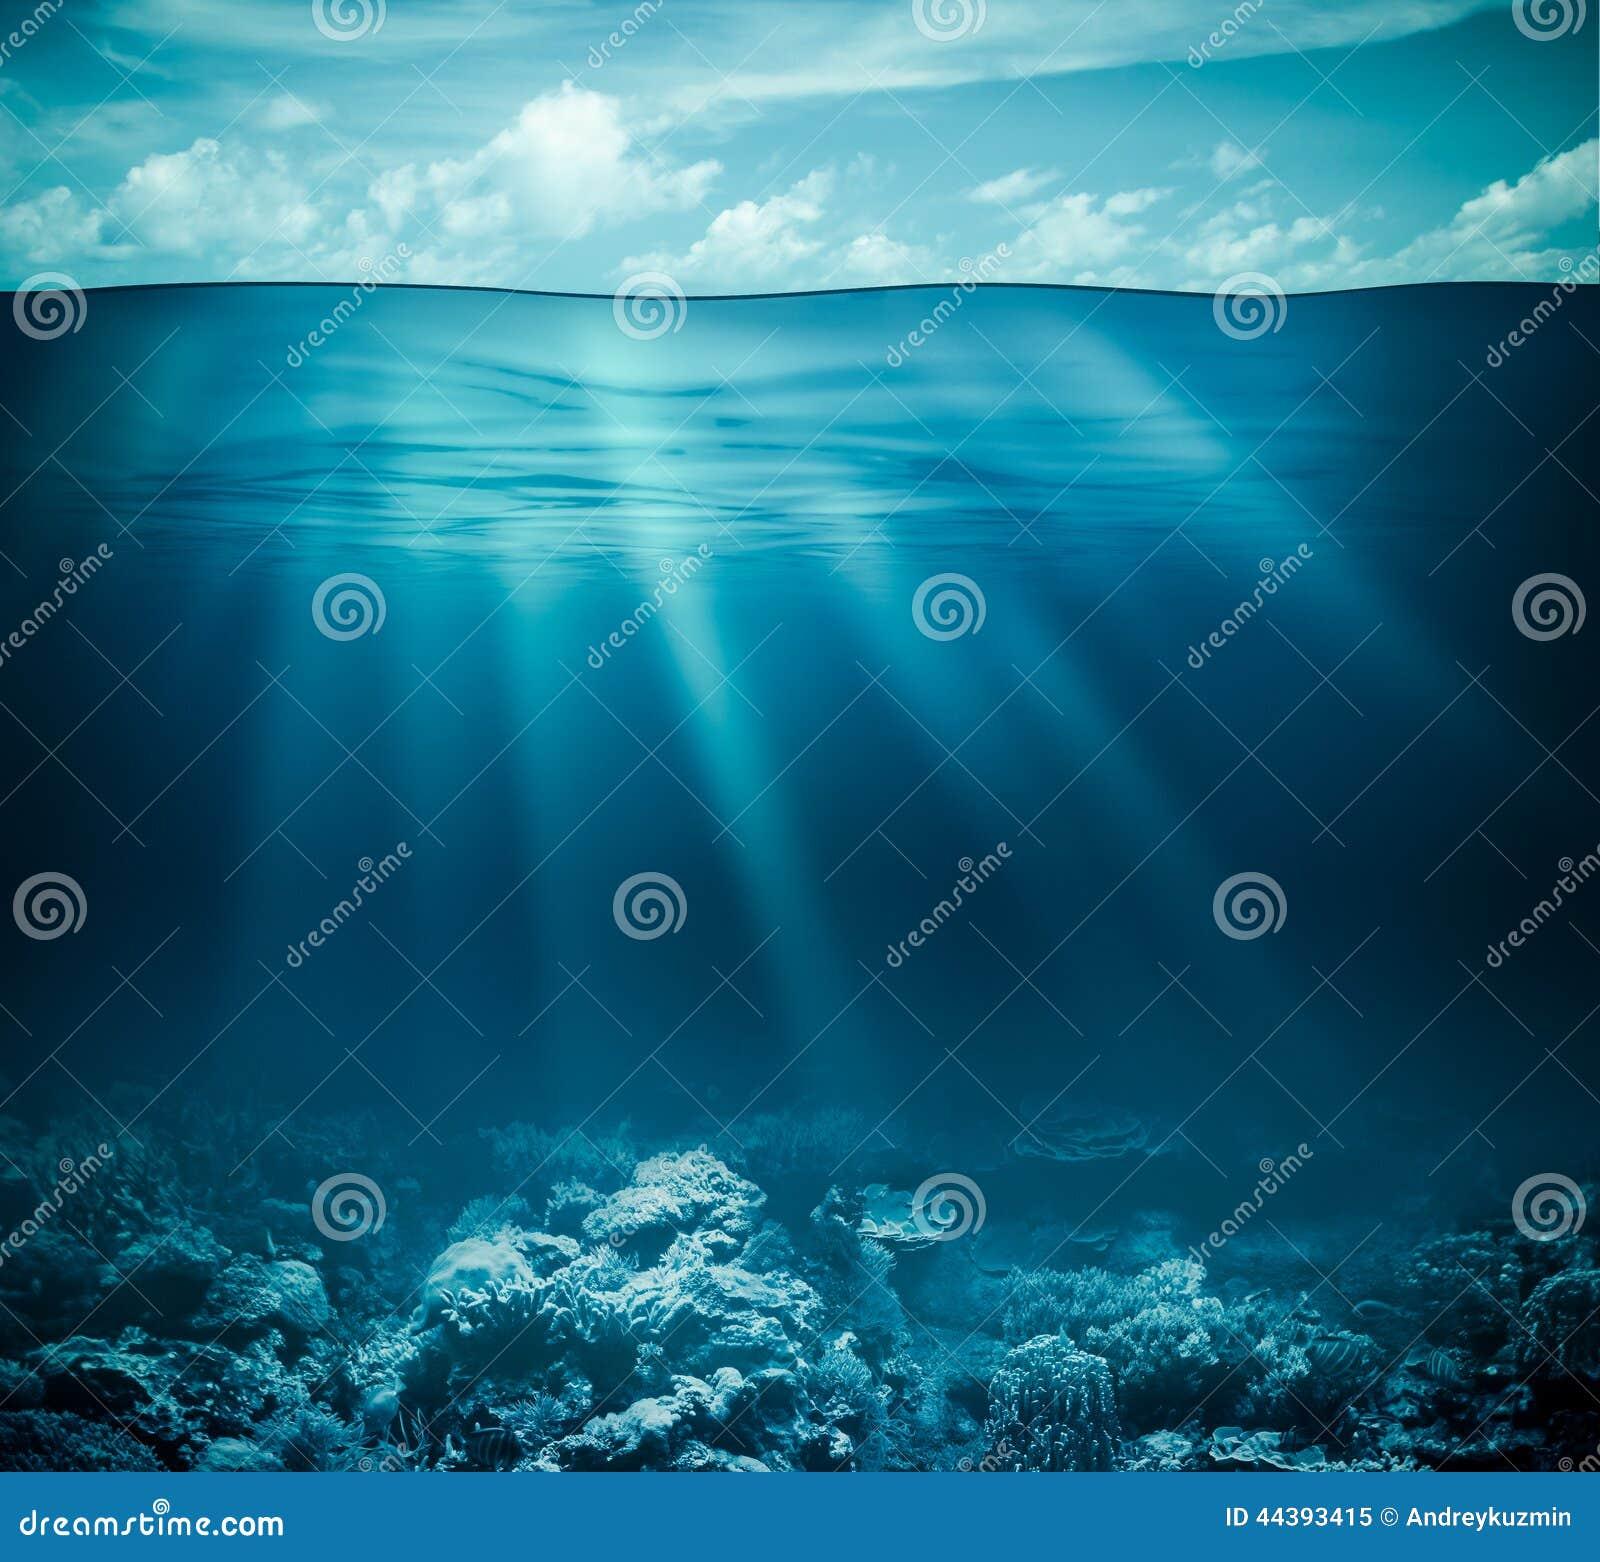 水下的珊瑚礁海底和水表面